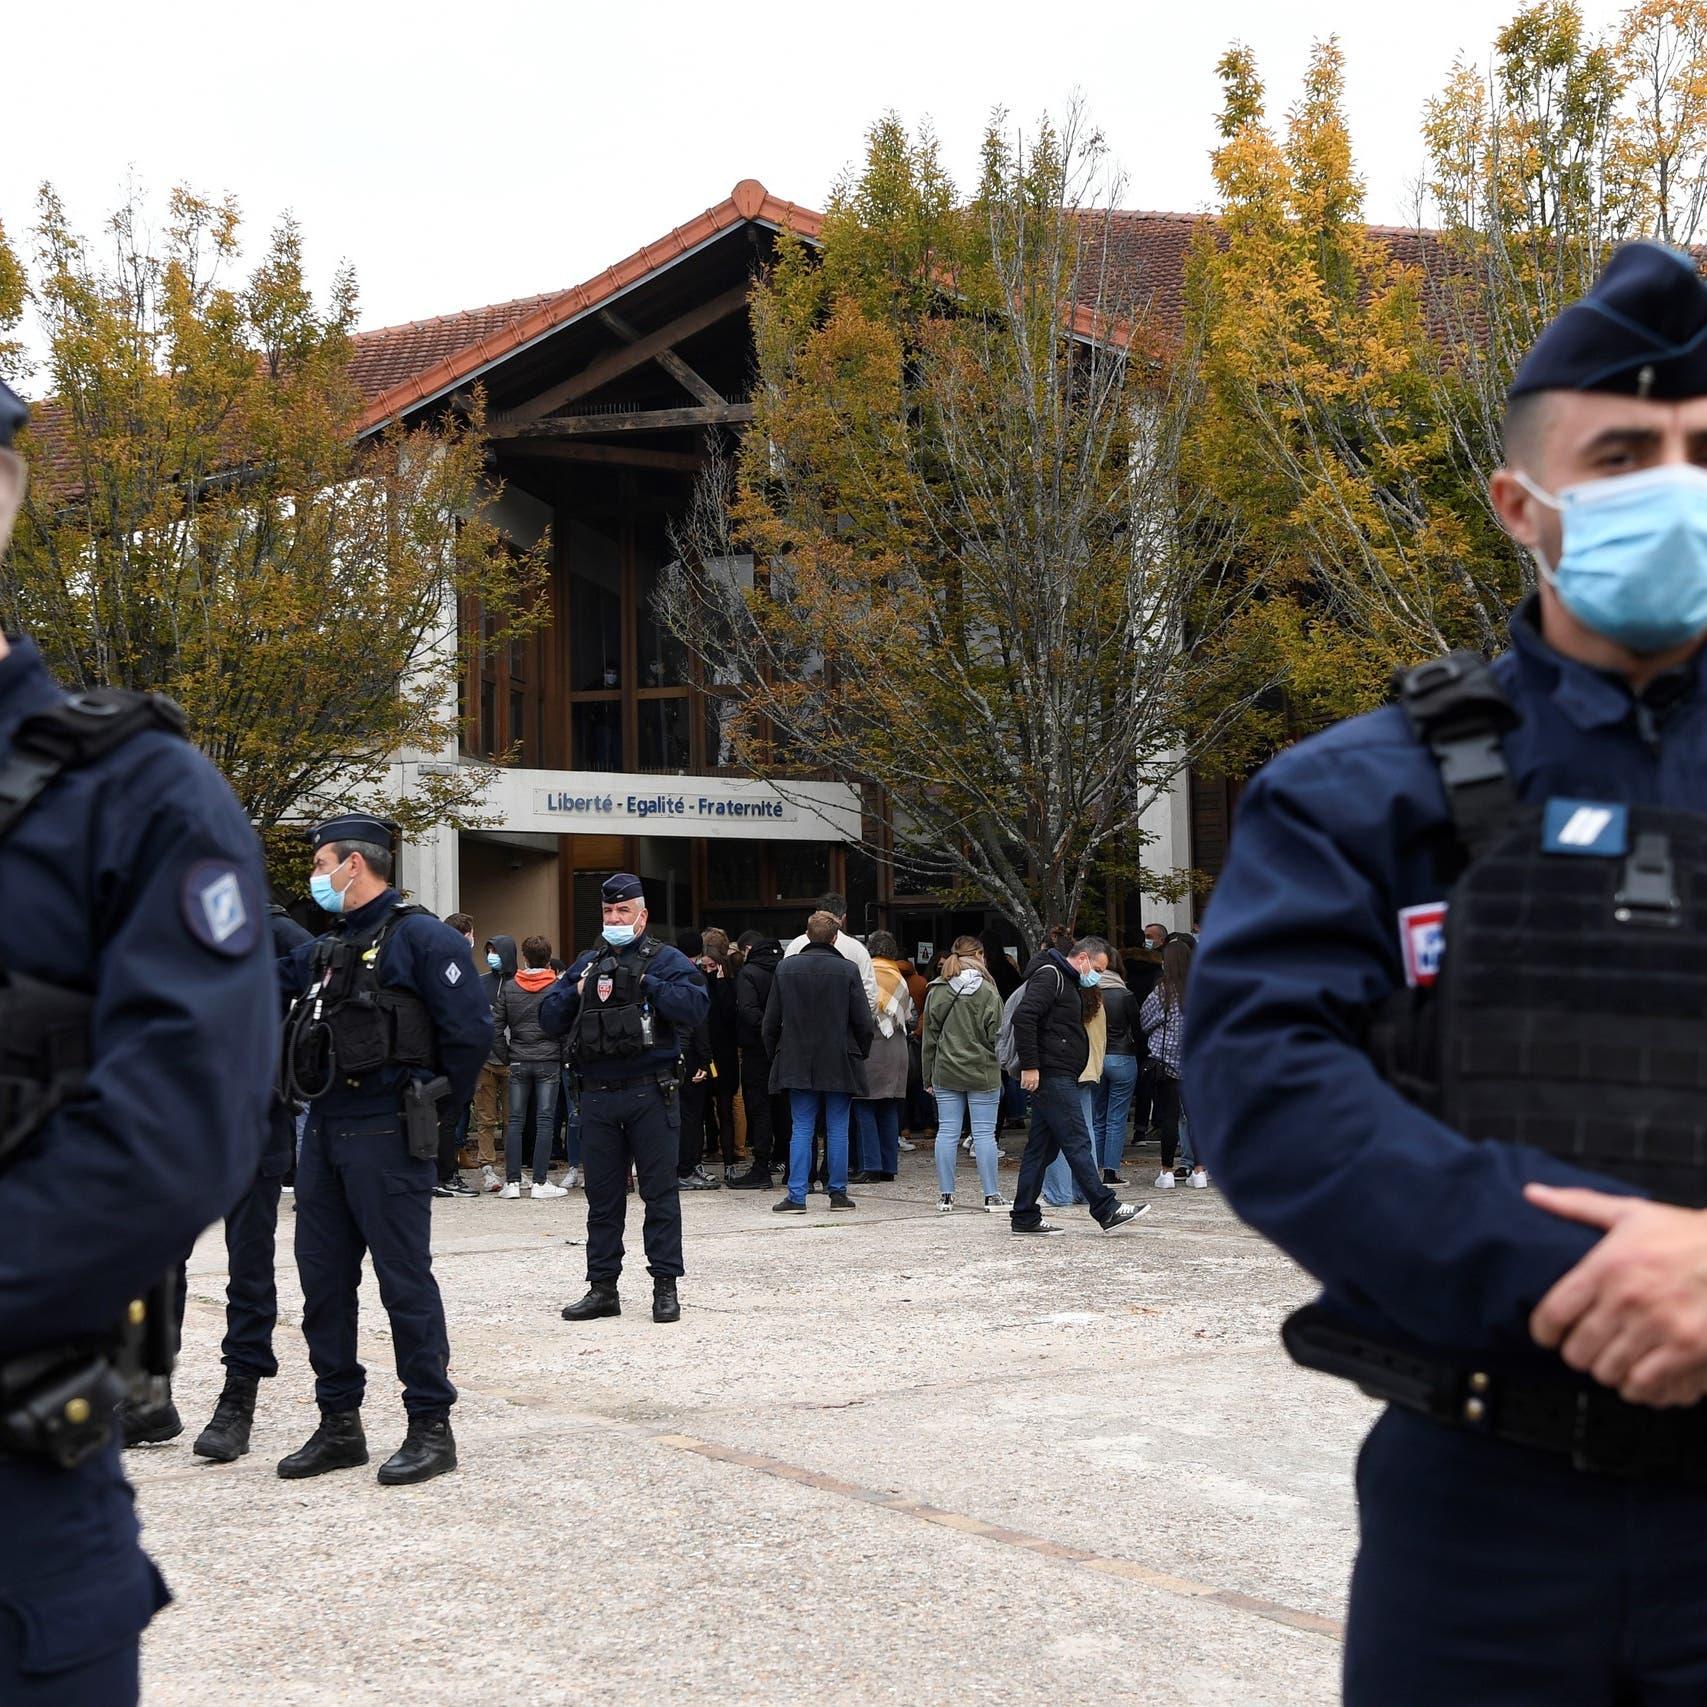 فرنسا.. حملة ضد عشرات الأفراد المرتبطين بالتنظيمات المتطرفة